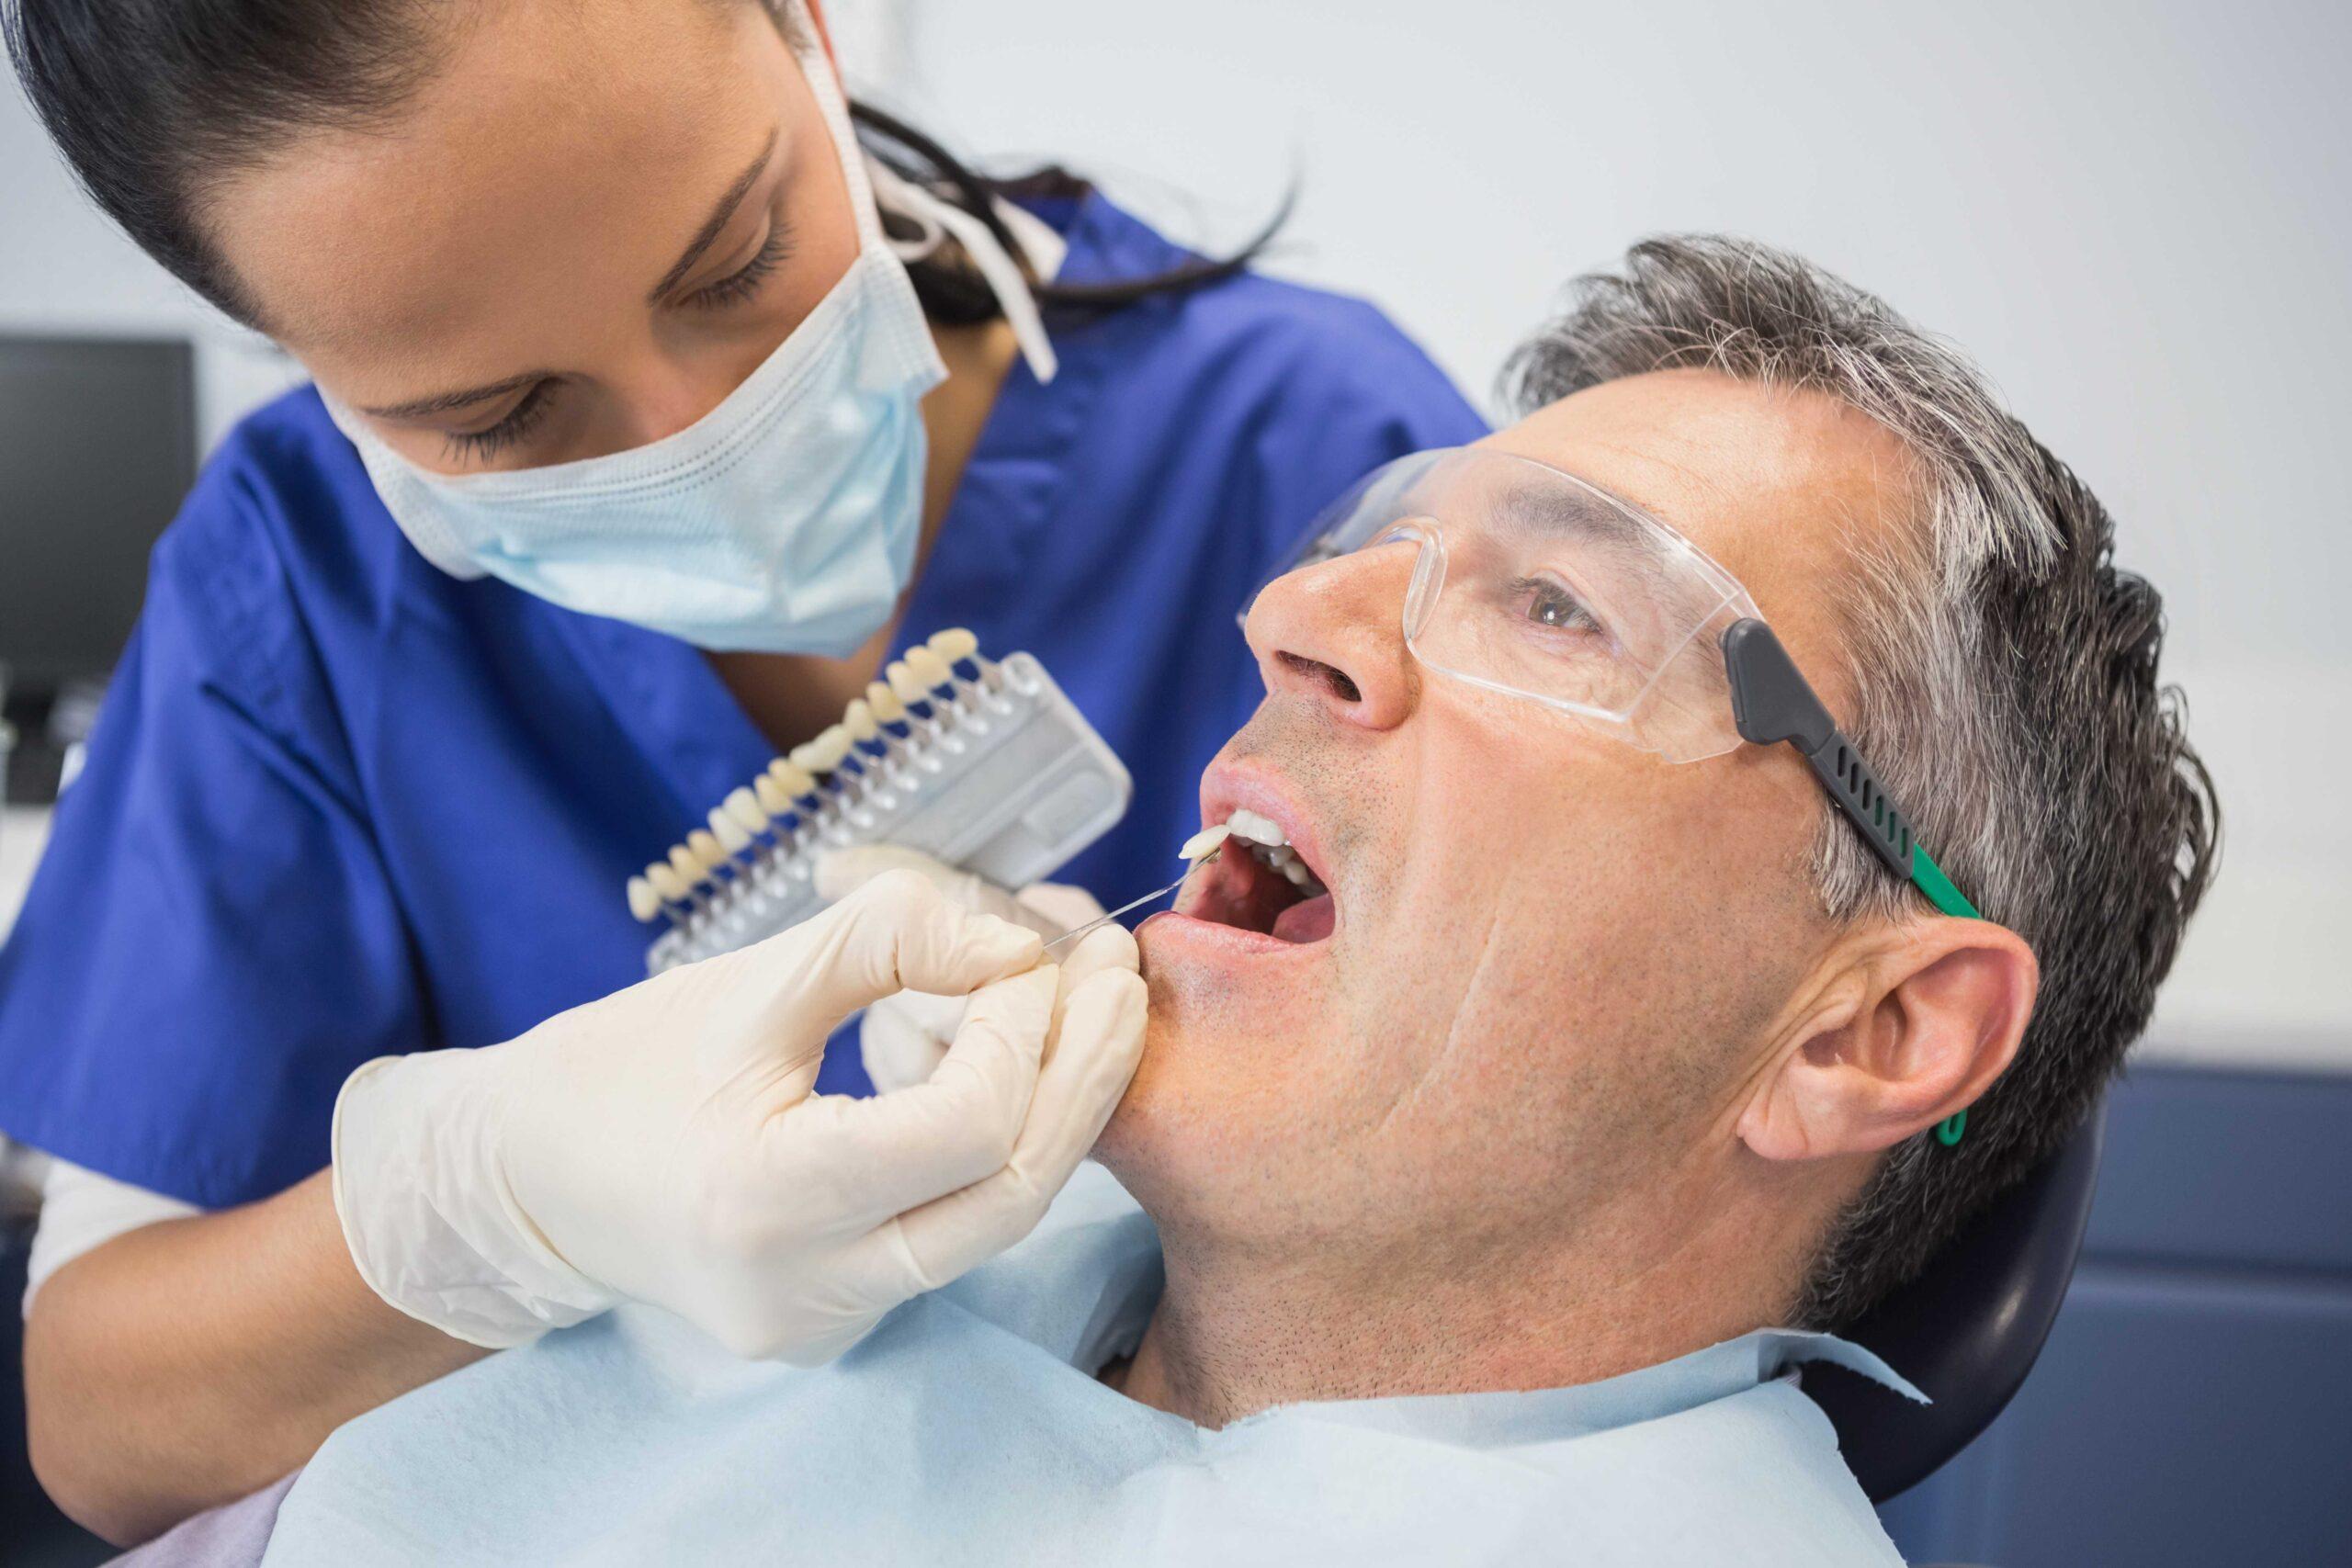 Проблемы с зубами как предвестник диабета и мышечной слабости